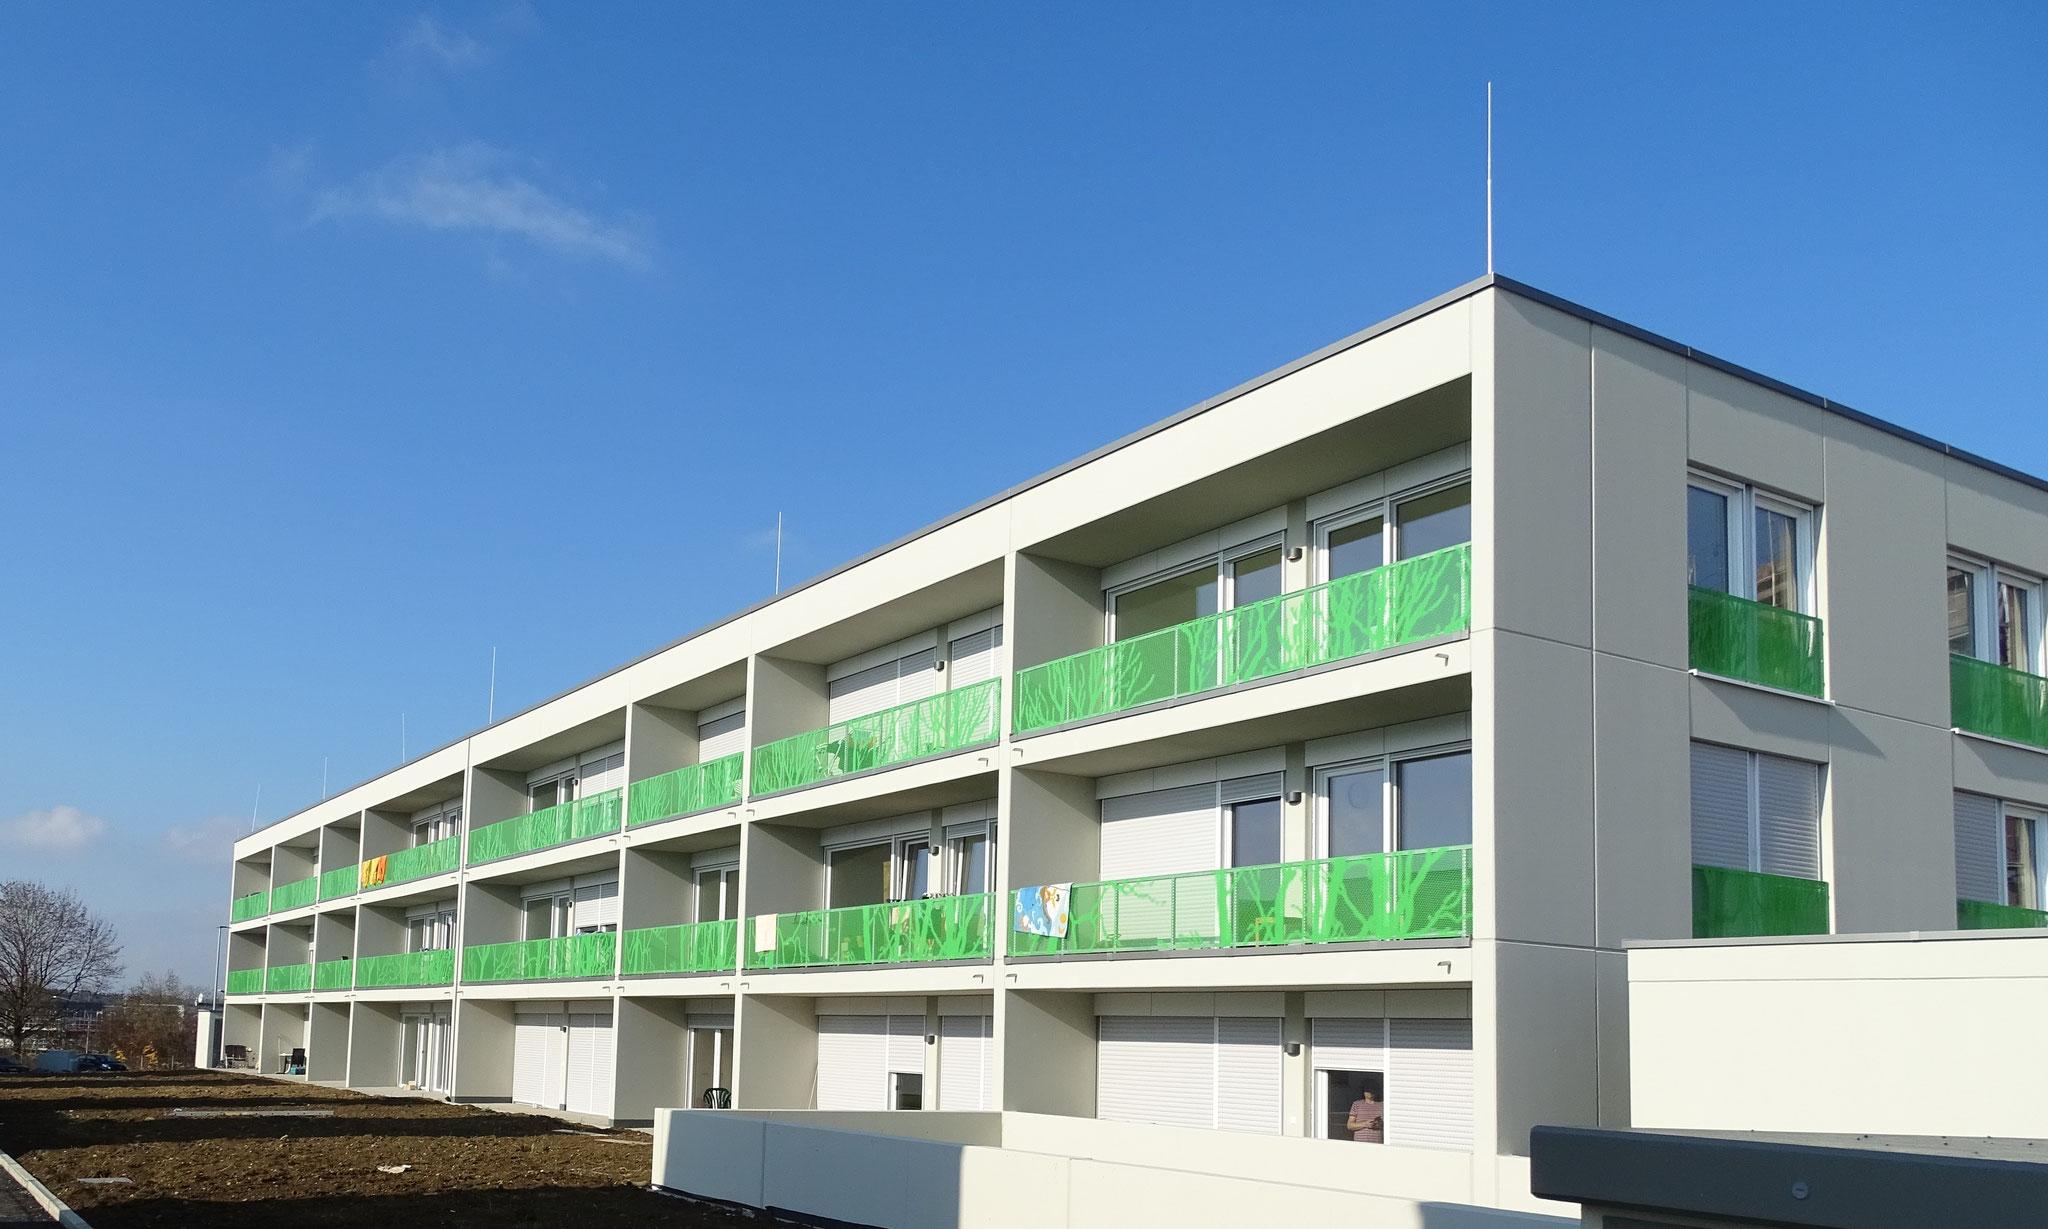 Grünzeug für Balkon und Fassade